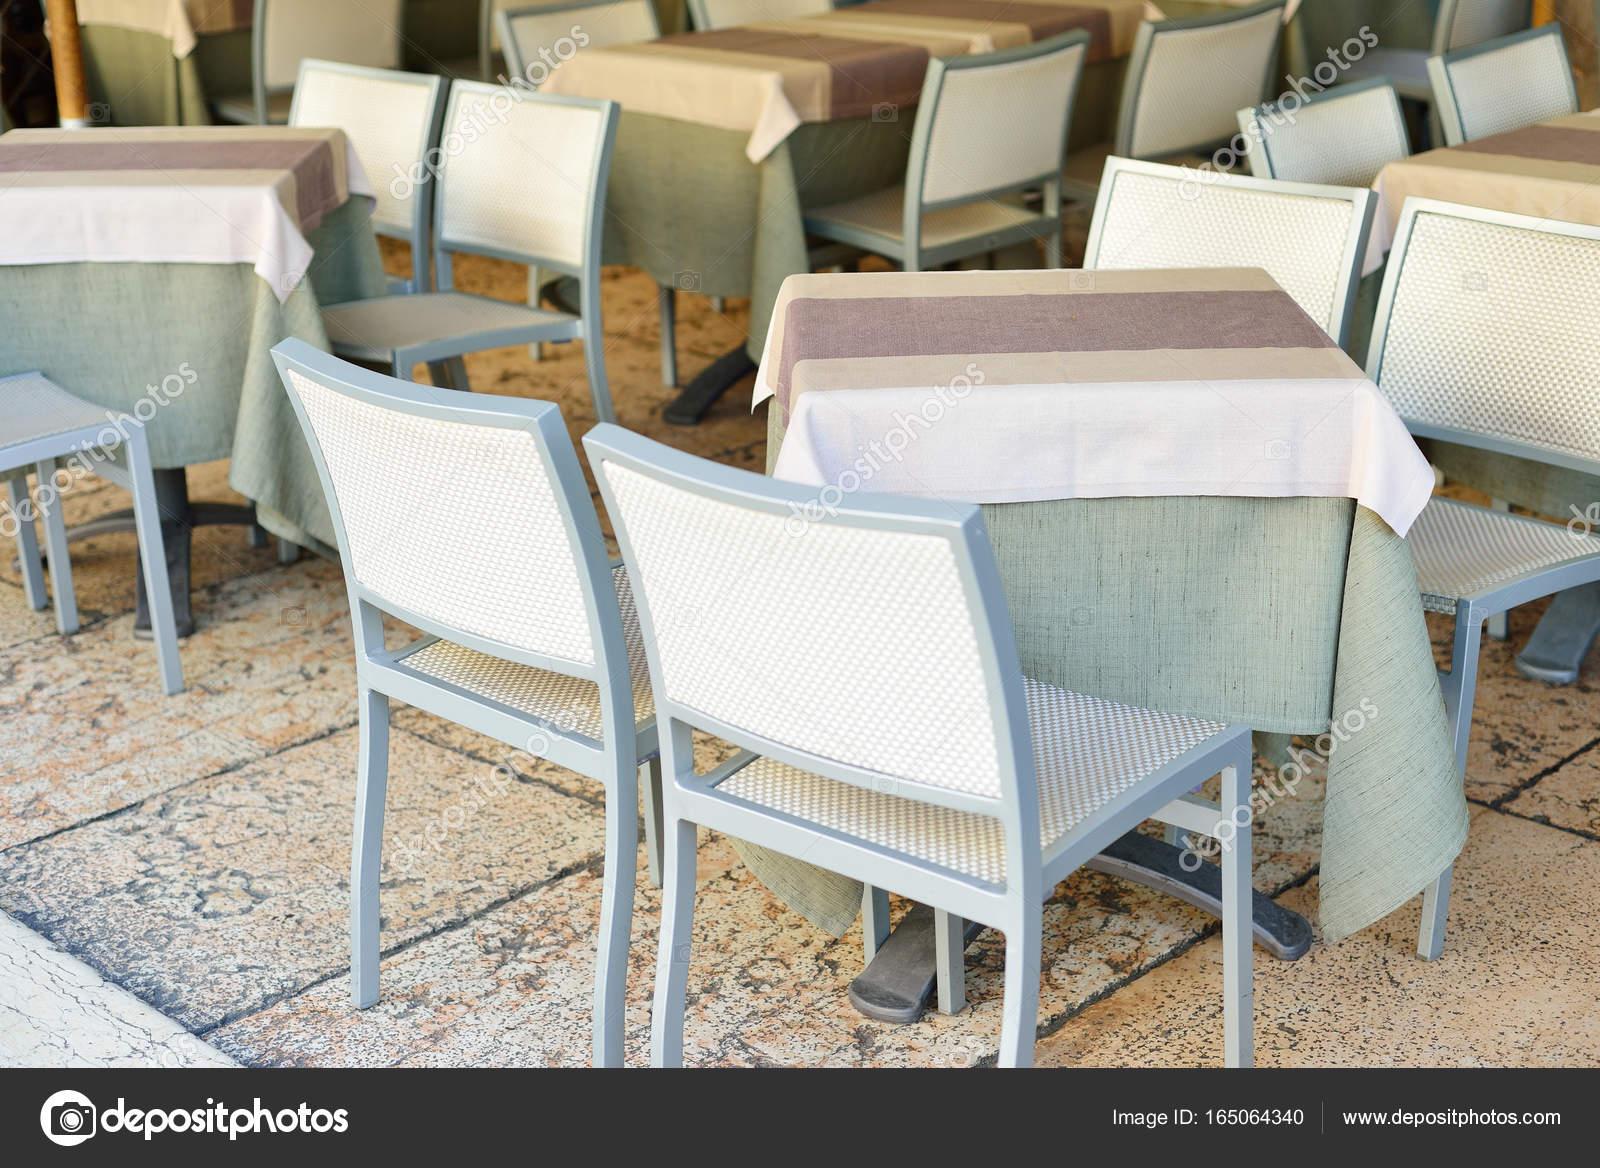 Illuminazione Tavoli Ristorante : Illuminare tavoli e sedie nel ristorante prima dell apertura un